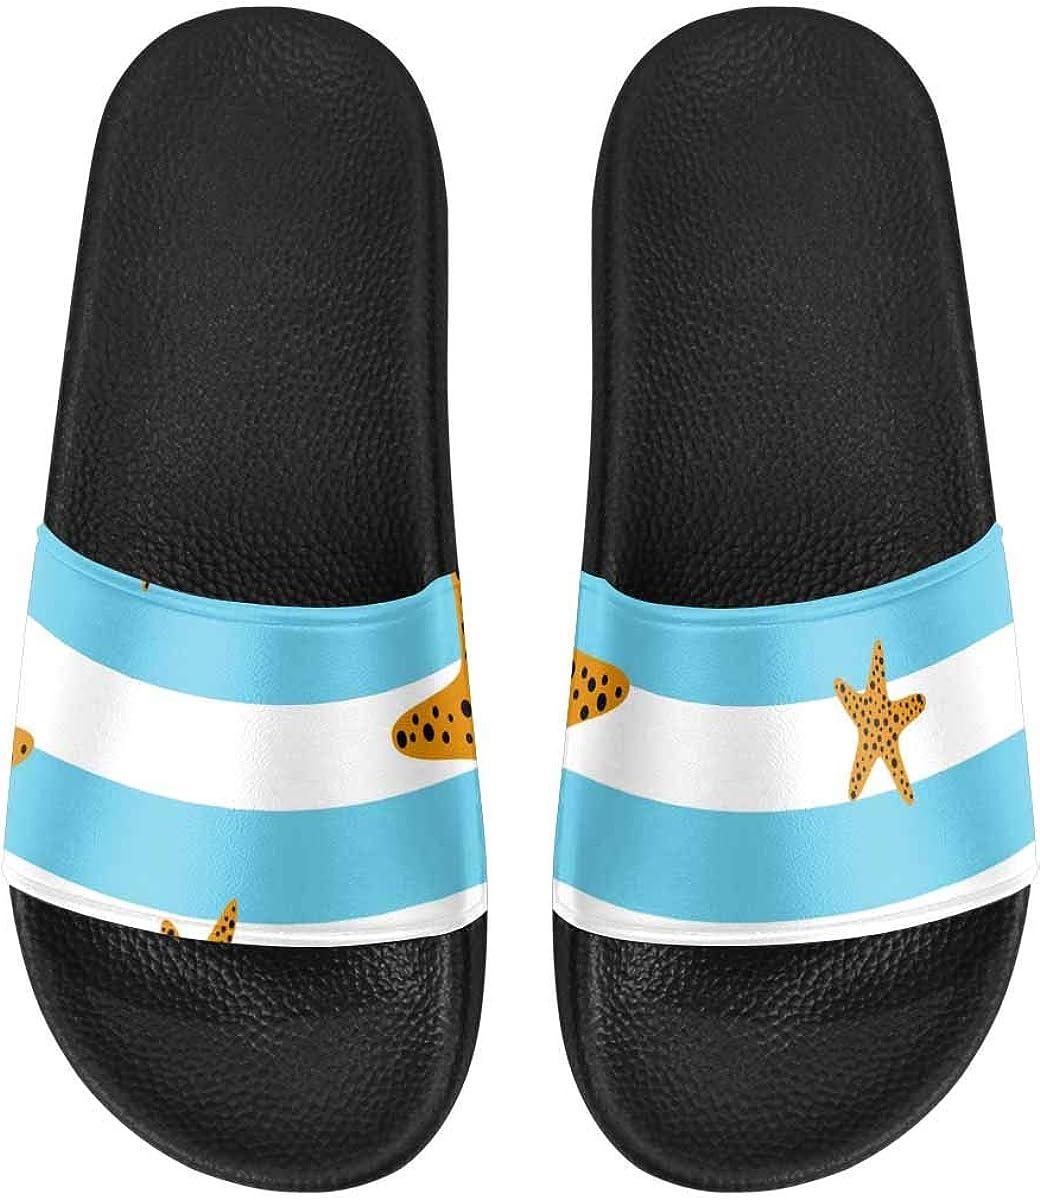 InterestPrint Women's Casual Slide Sandals for Indoor Outdoor Night Sky Unicorn